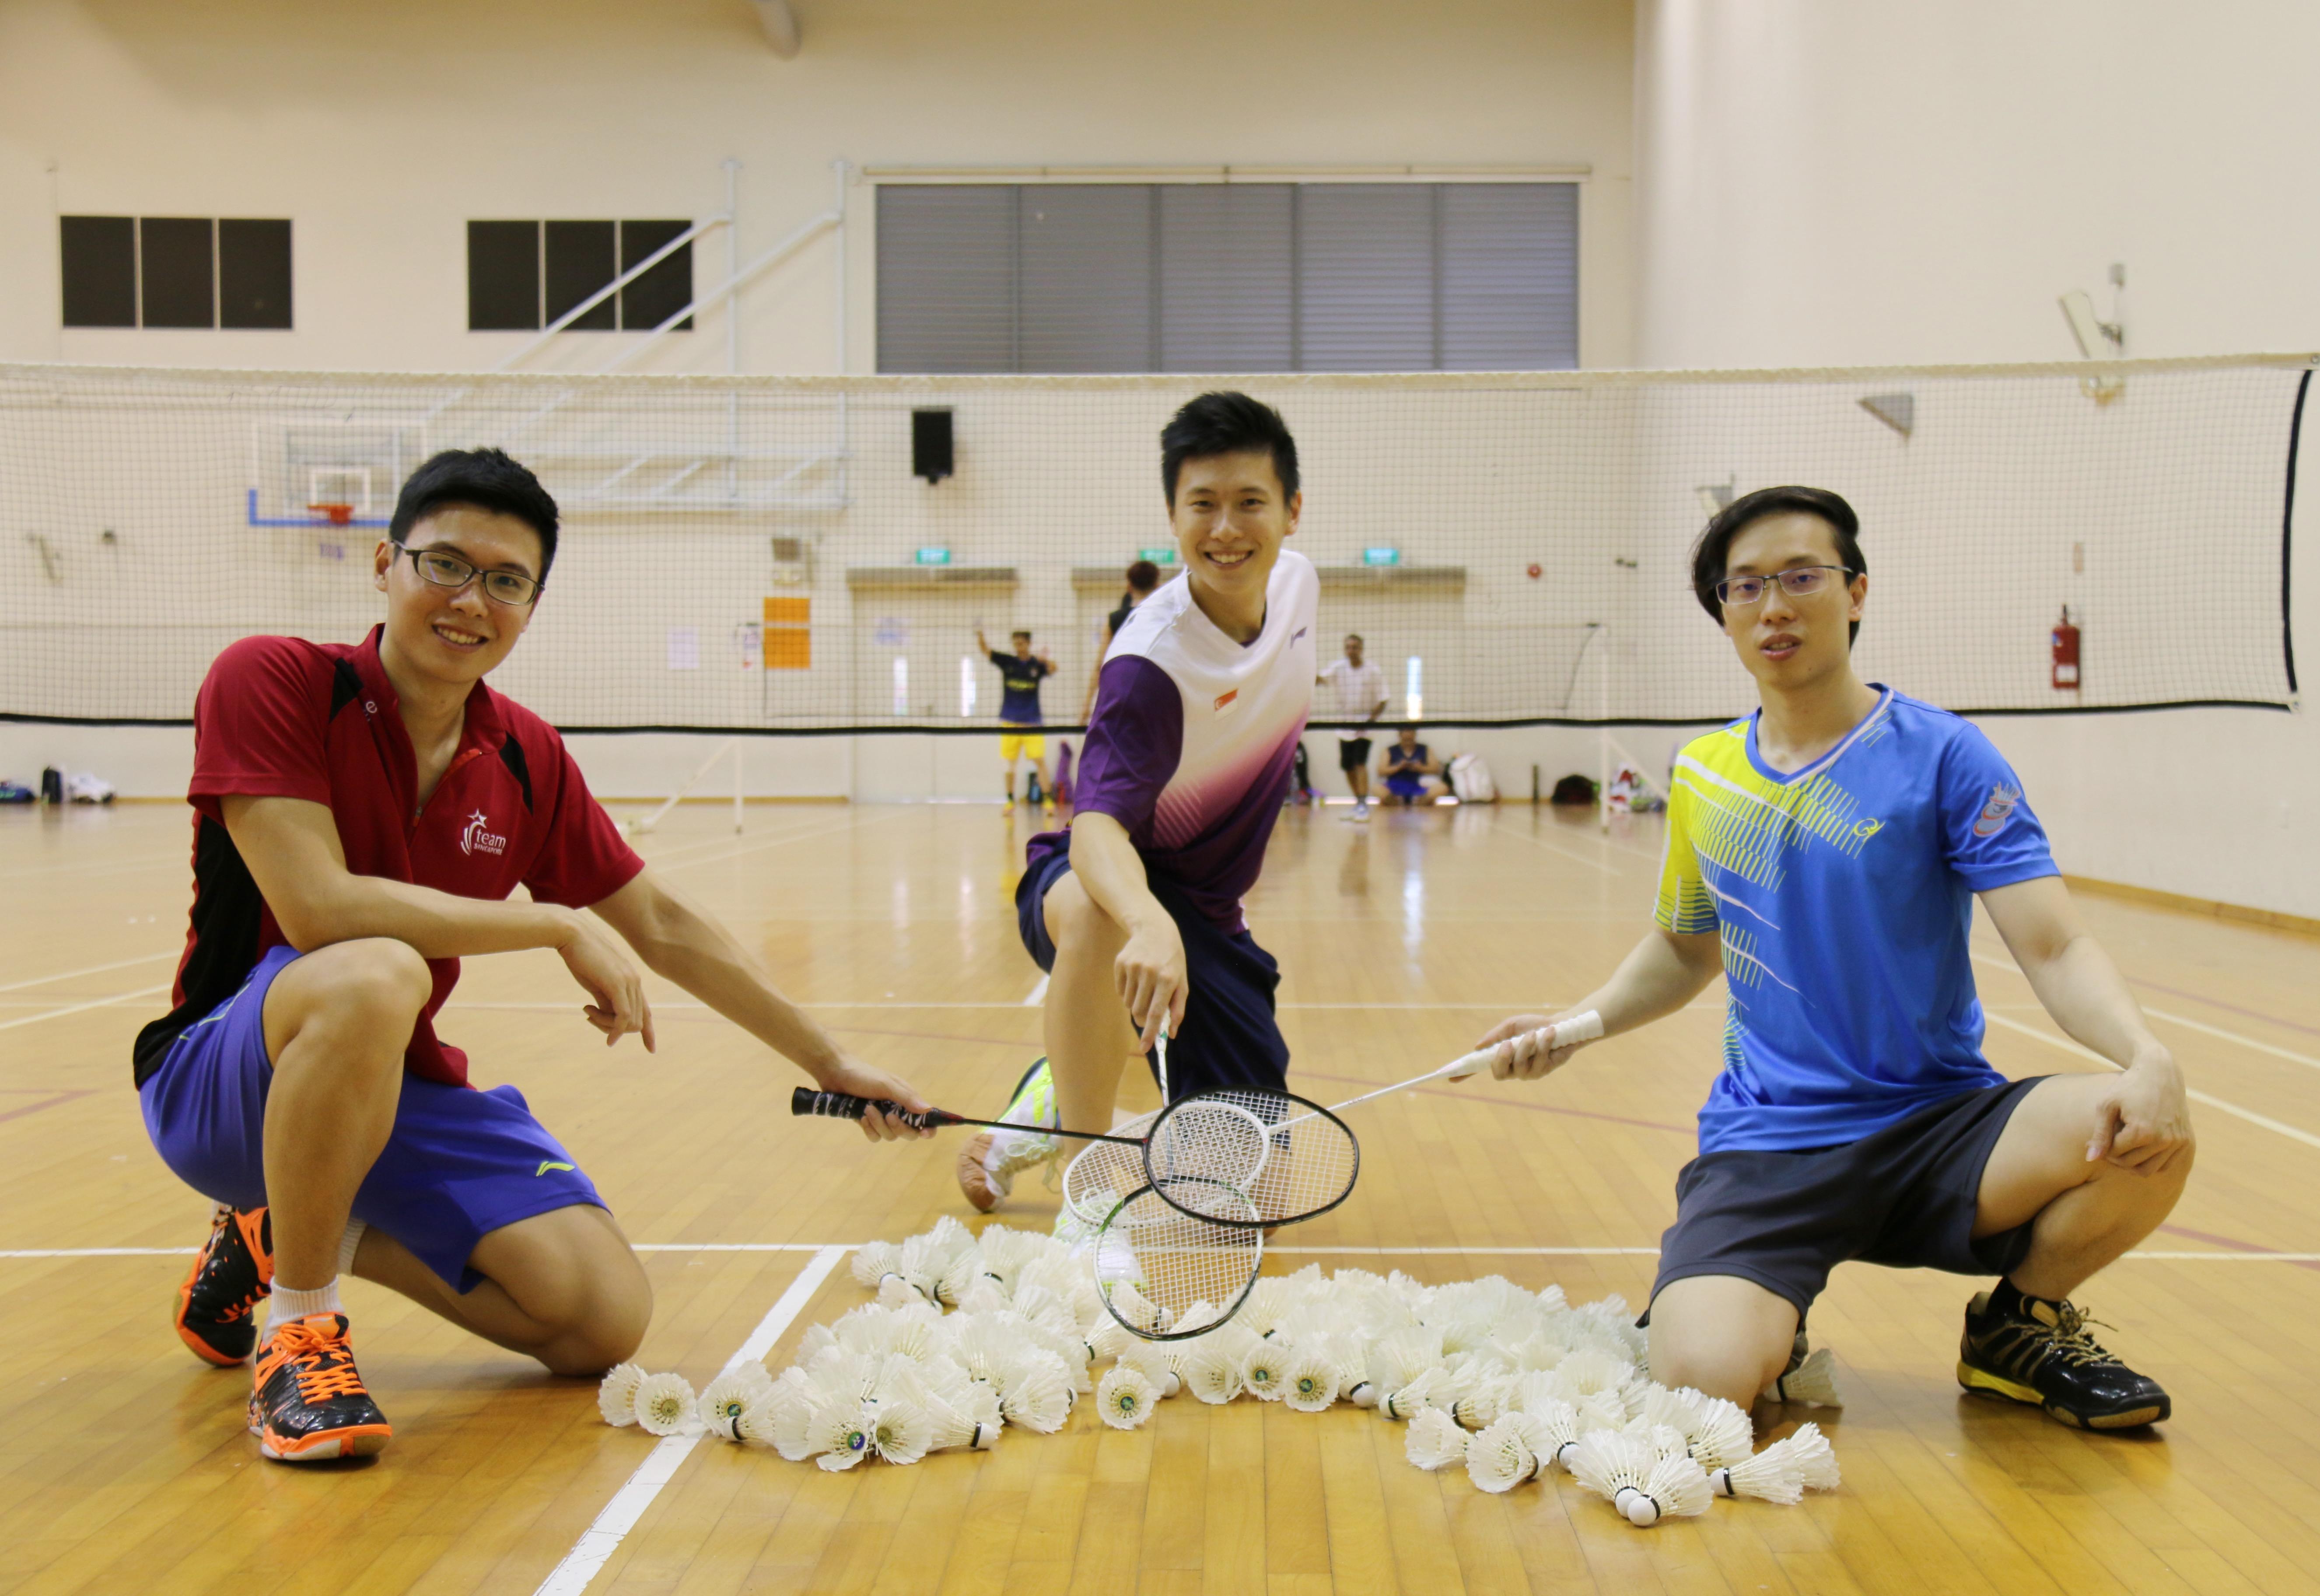 Badminton Shoes Online Singapore